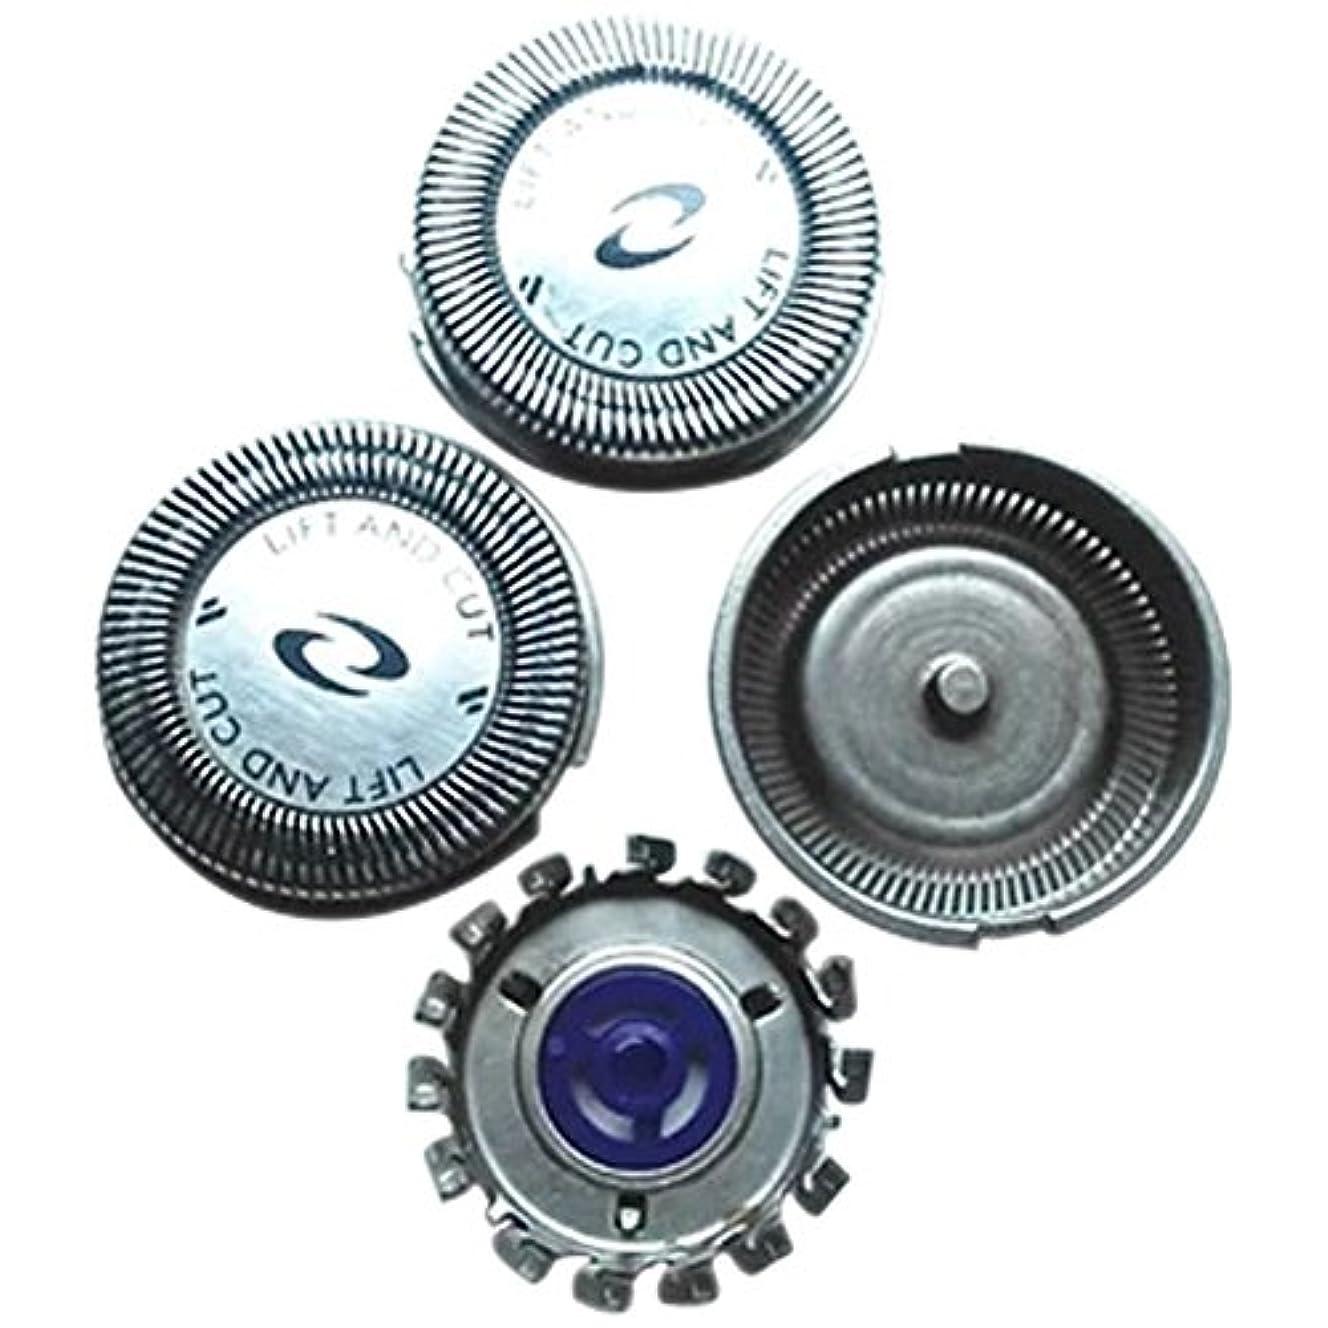 Juleyaing 置換 シェーバー かみそり 頭 刃 for Philips HQ30 HQ40 HQ56 PQ182 PQ202 YS500